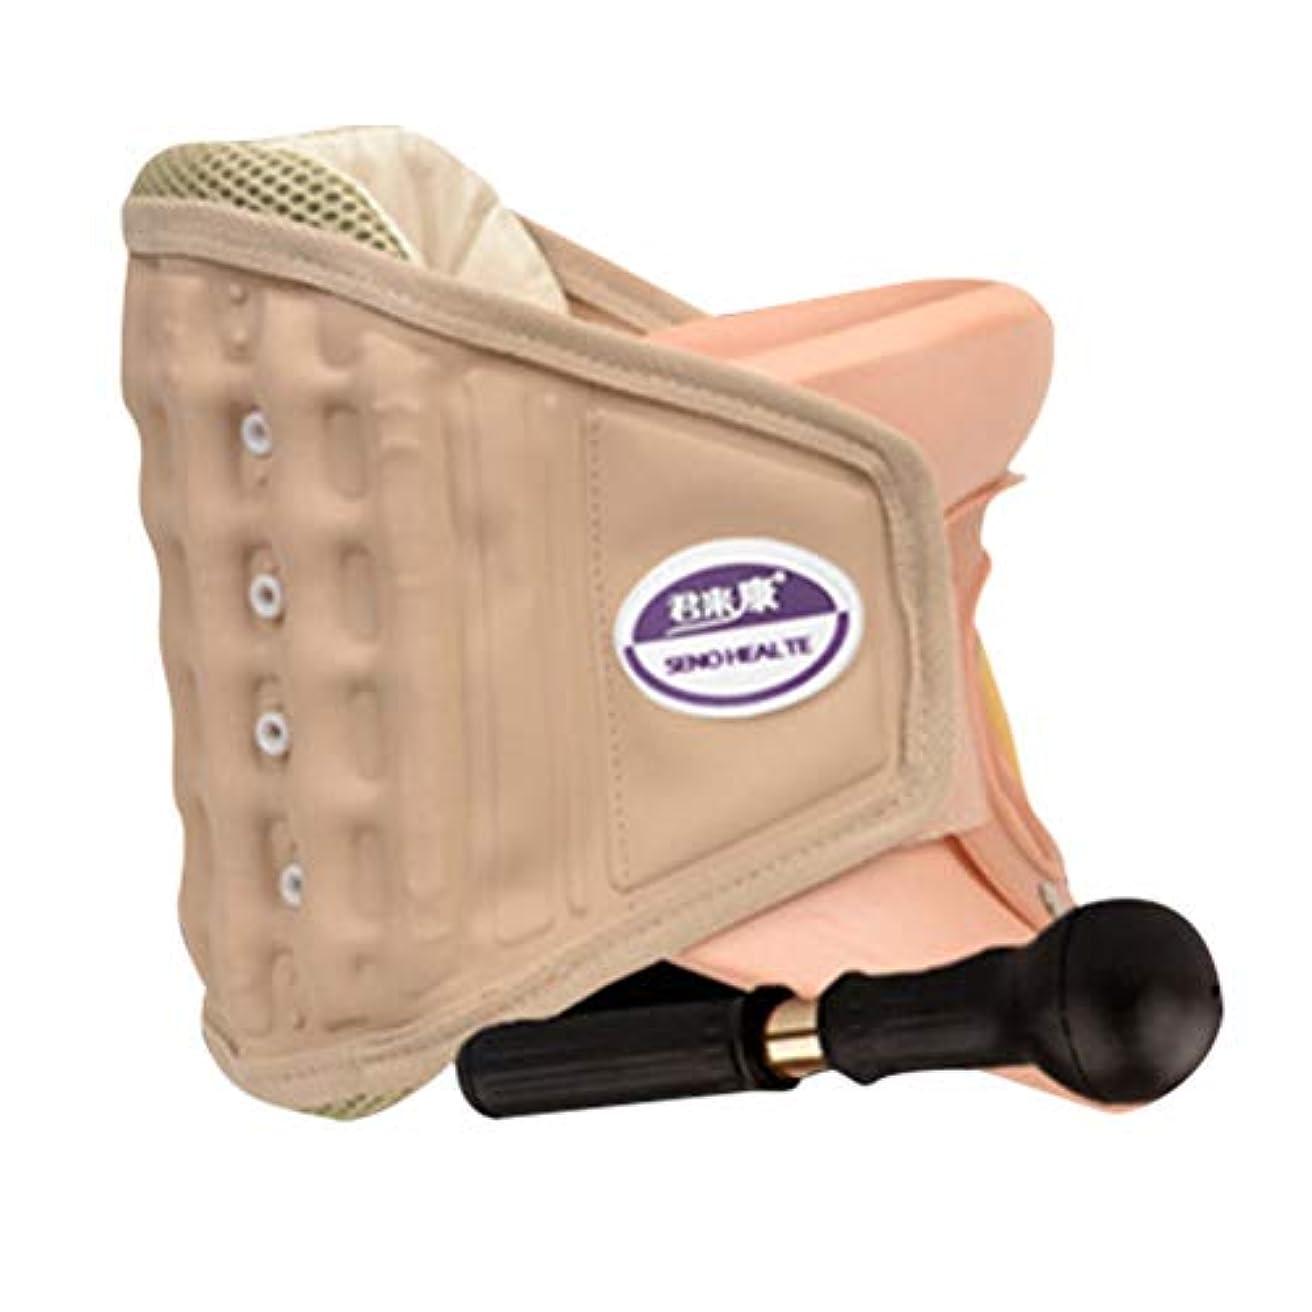 守銭奴衝撃彫刻家SUPVOX 頸部首牽引襟デバイス装具椎骨サポートベルト付きポンプポータブルネックマッサージャー